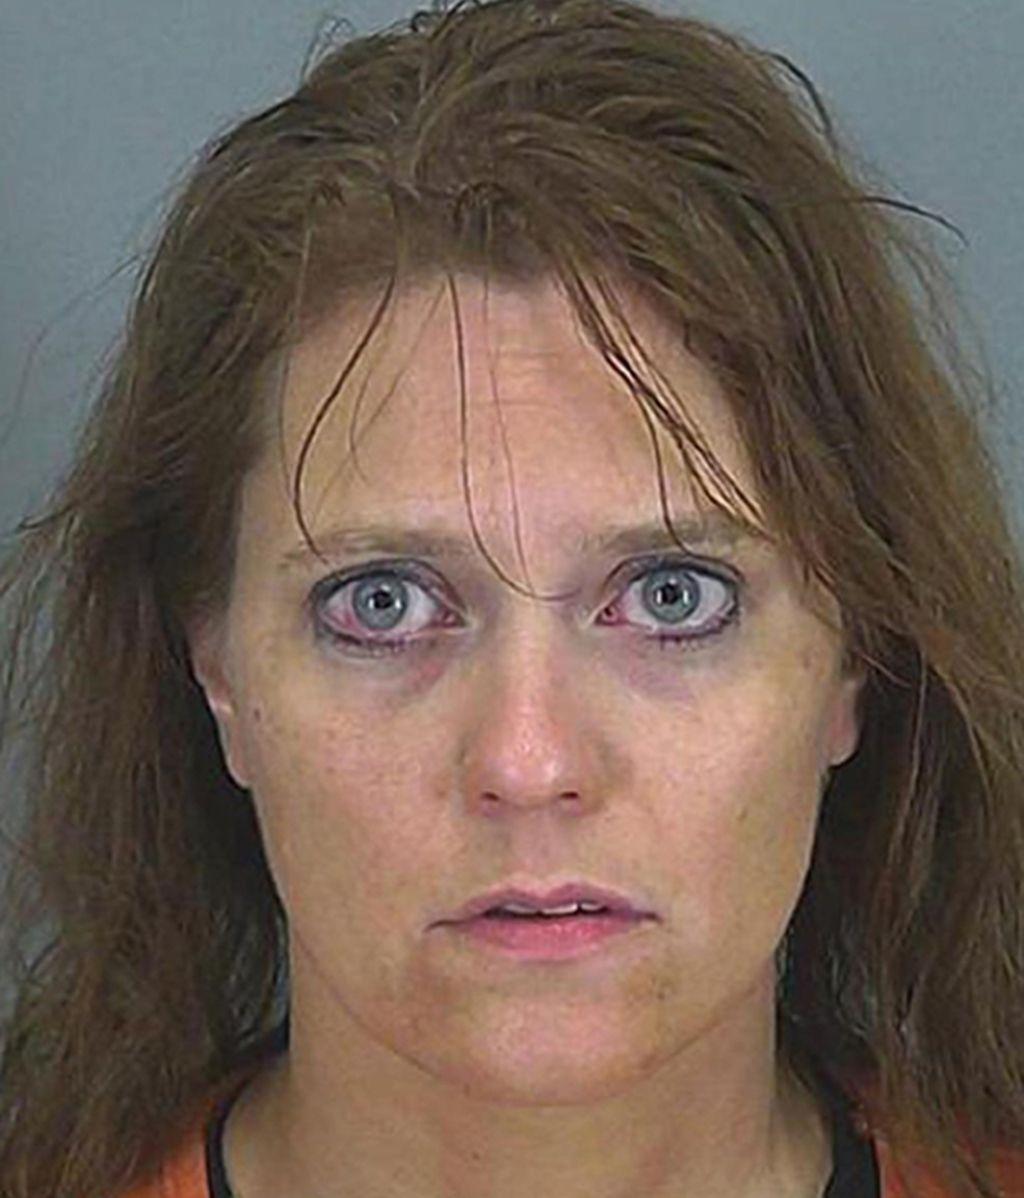 20 años de cárcel por matar a su bebé con leche materna